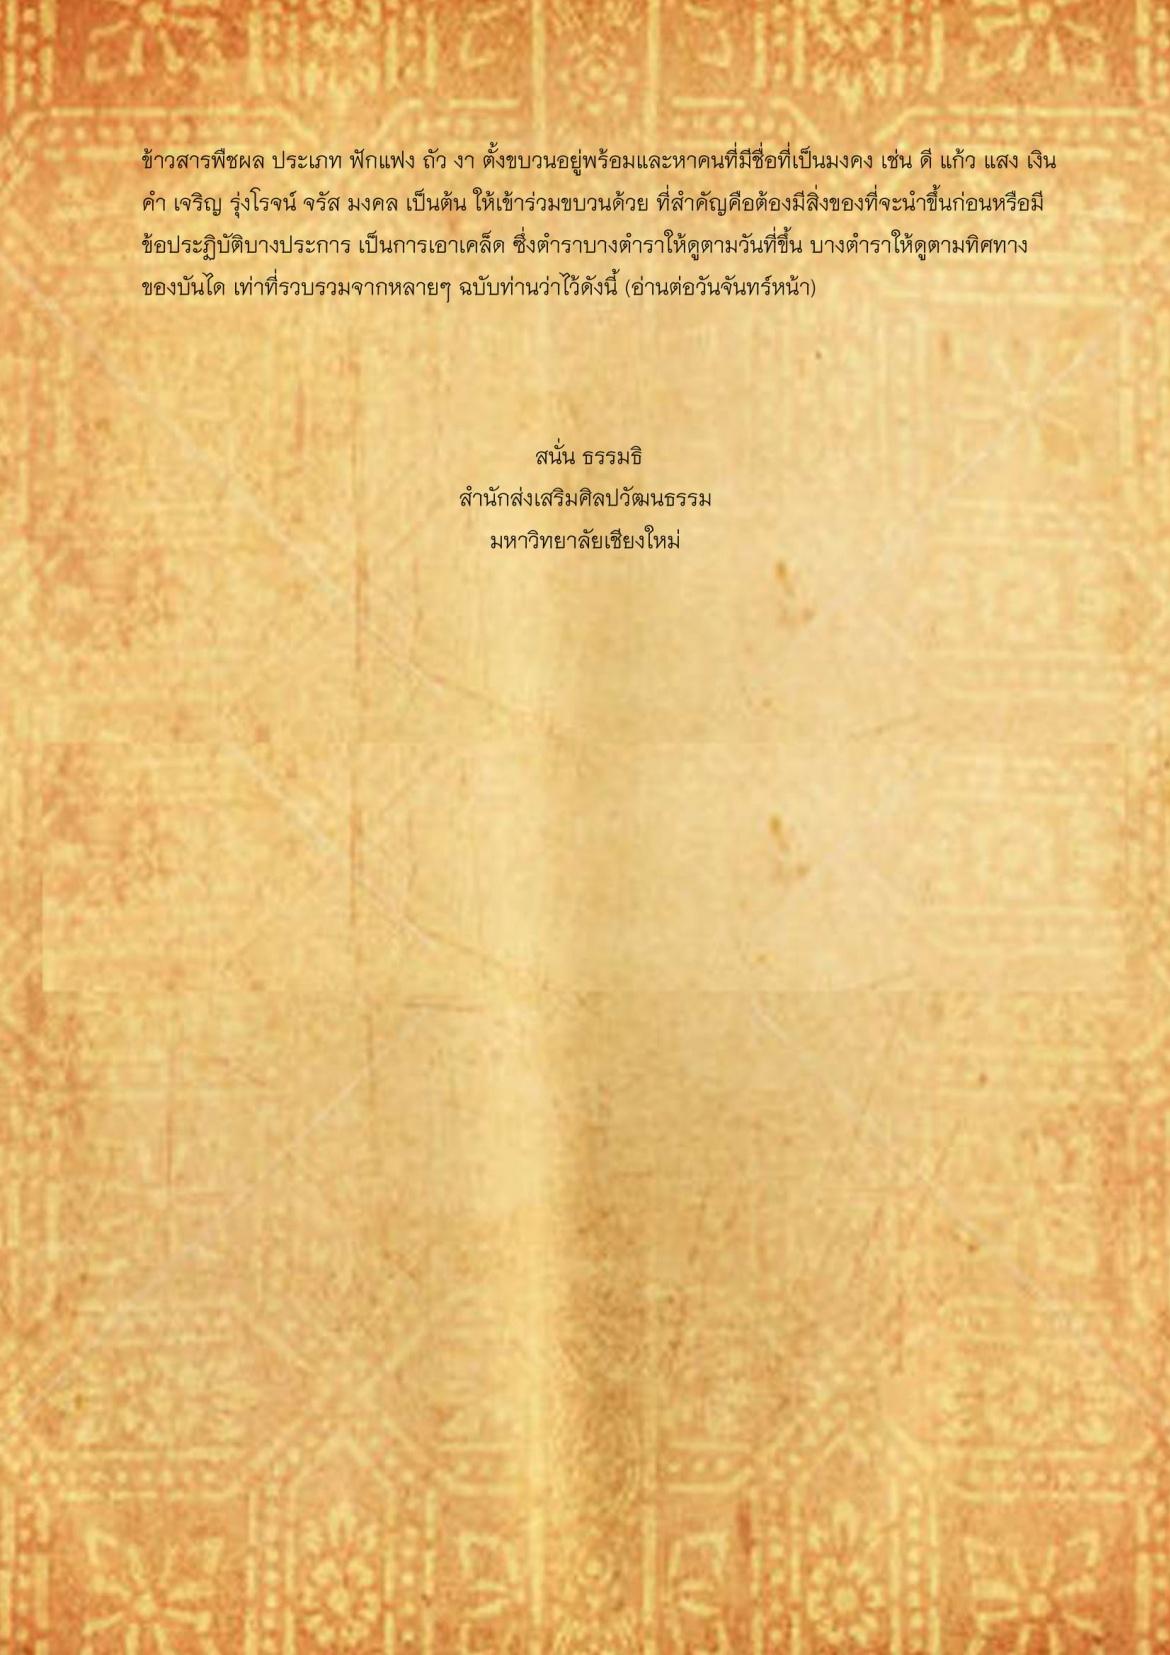 พิธีกรรมเเละความเชื่อการปลูกเรือนล้านนา(73) - 23 มีนาคม 2563